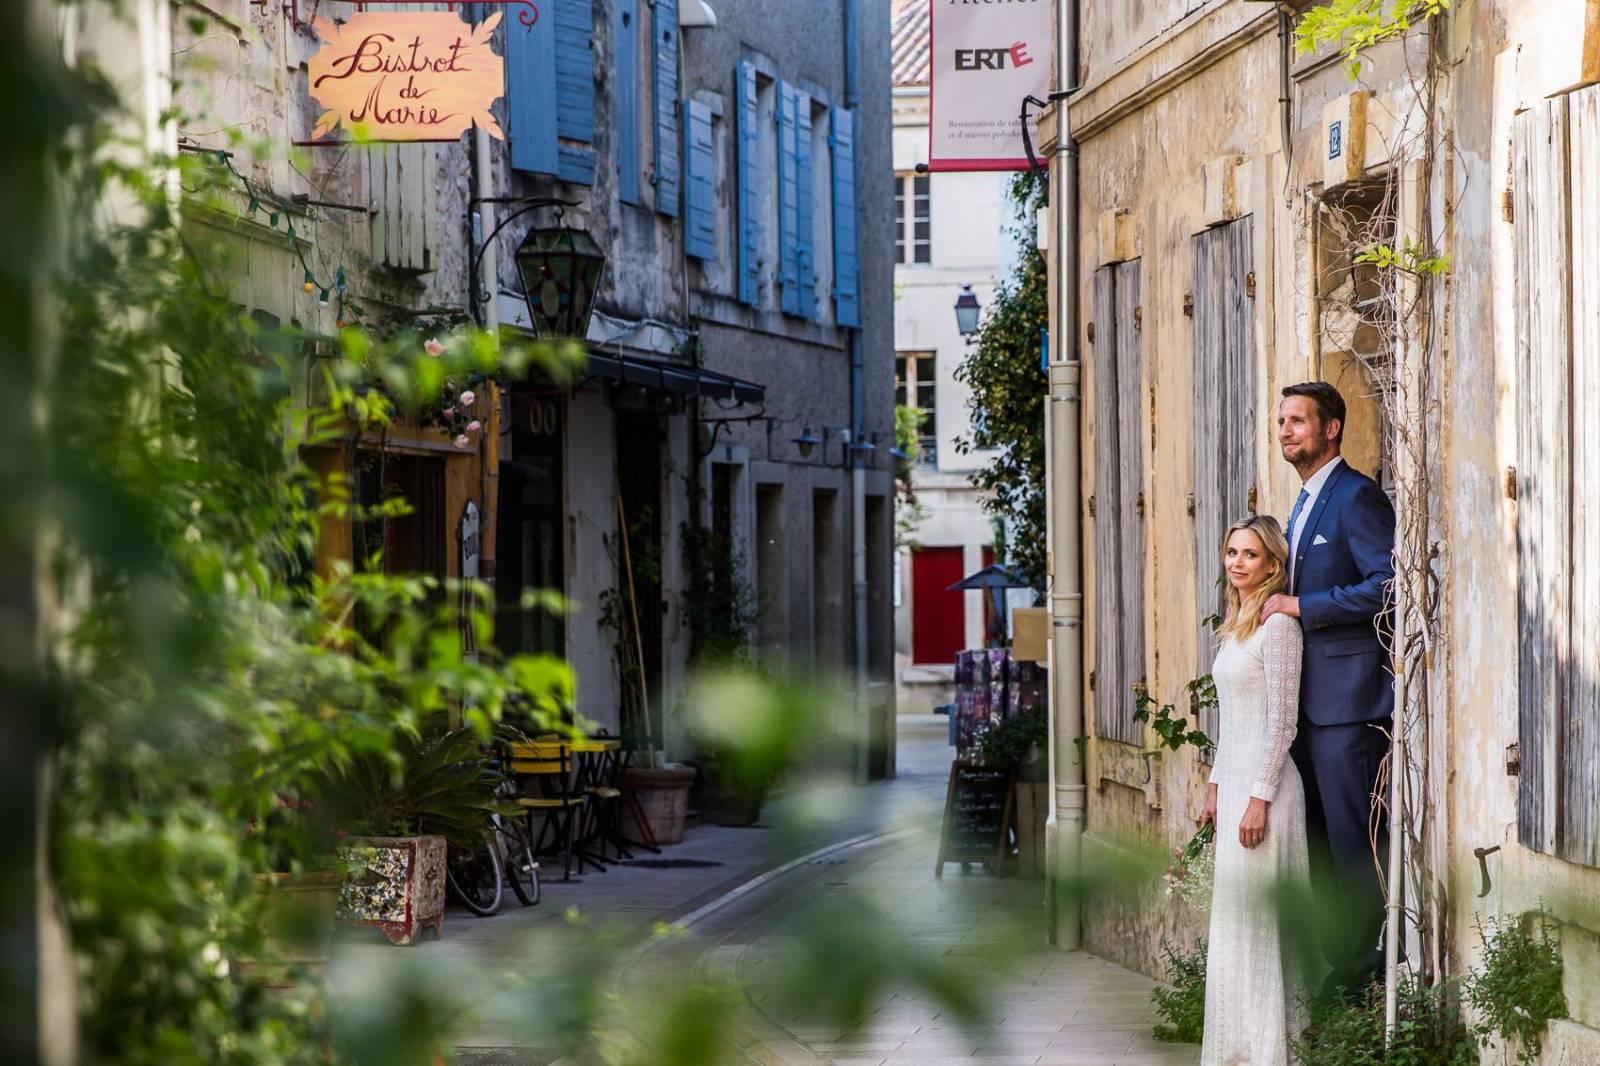 Cinderella Photographie - Trouwen in frankrijk - Huwelijksfotograaf - Trouwfotograaf - House of Weddings - 21